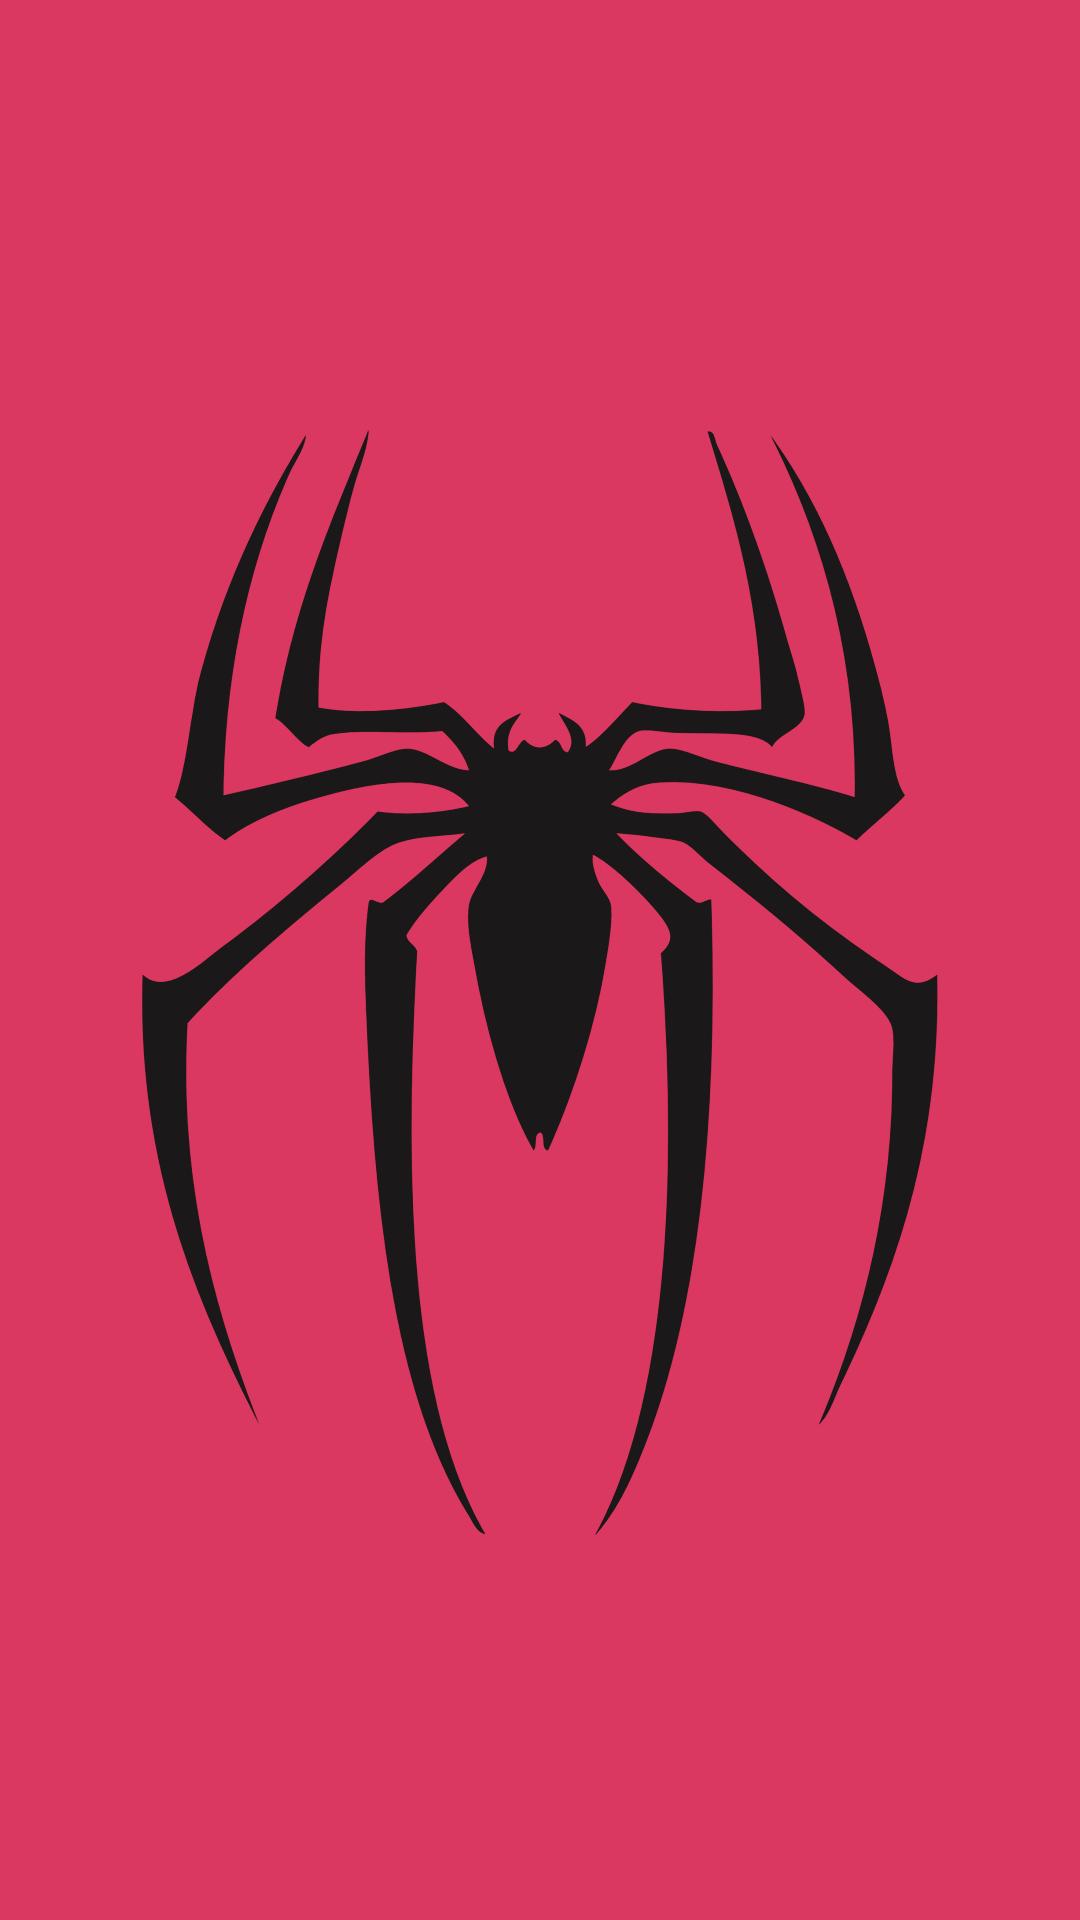 Spider Man Wallpaper Tumblr Marvel Tattoos Spiderman Tattoo Spiderman Drawing